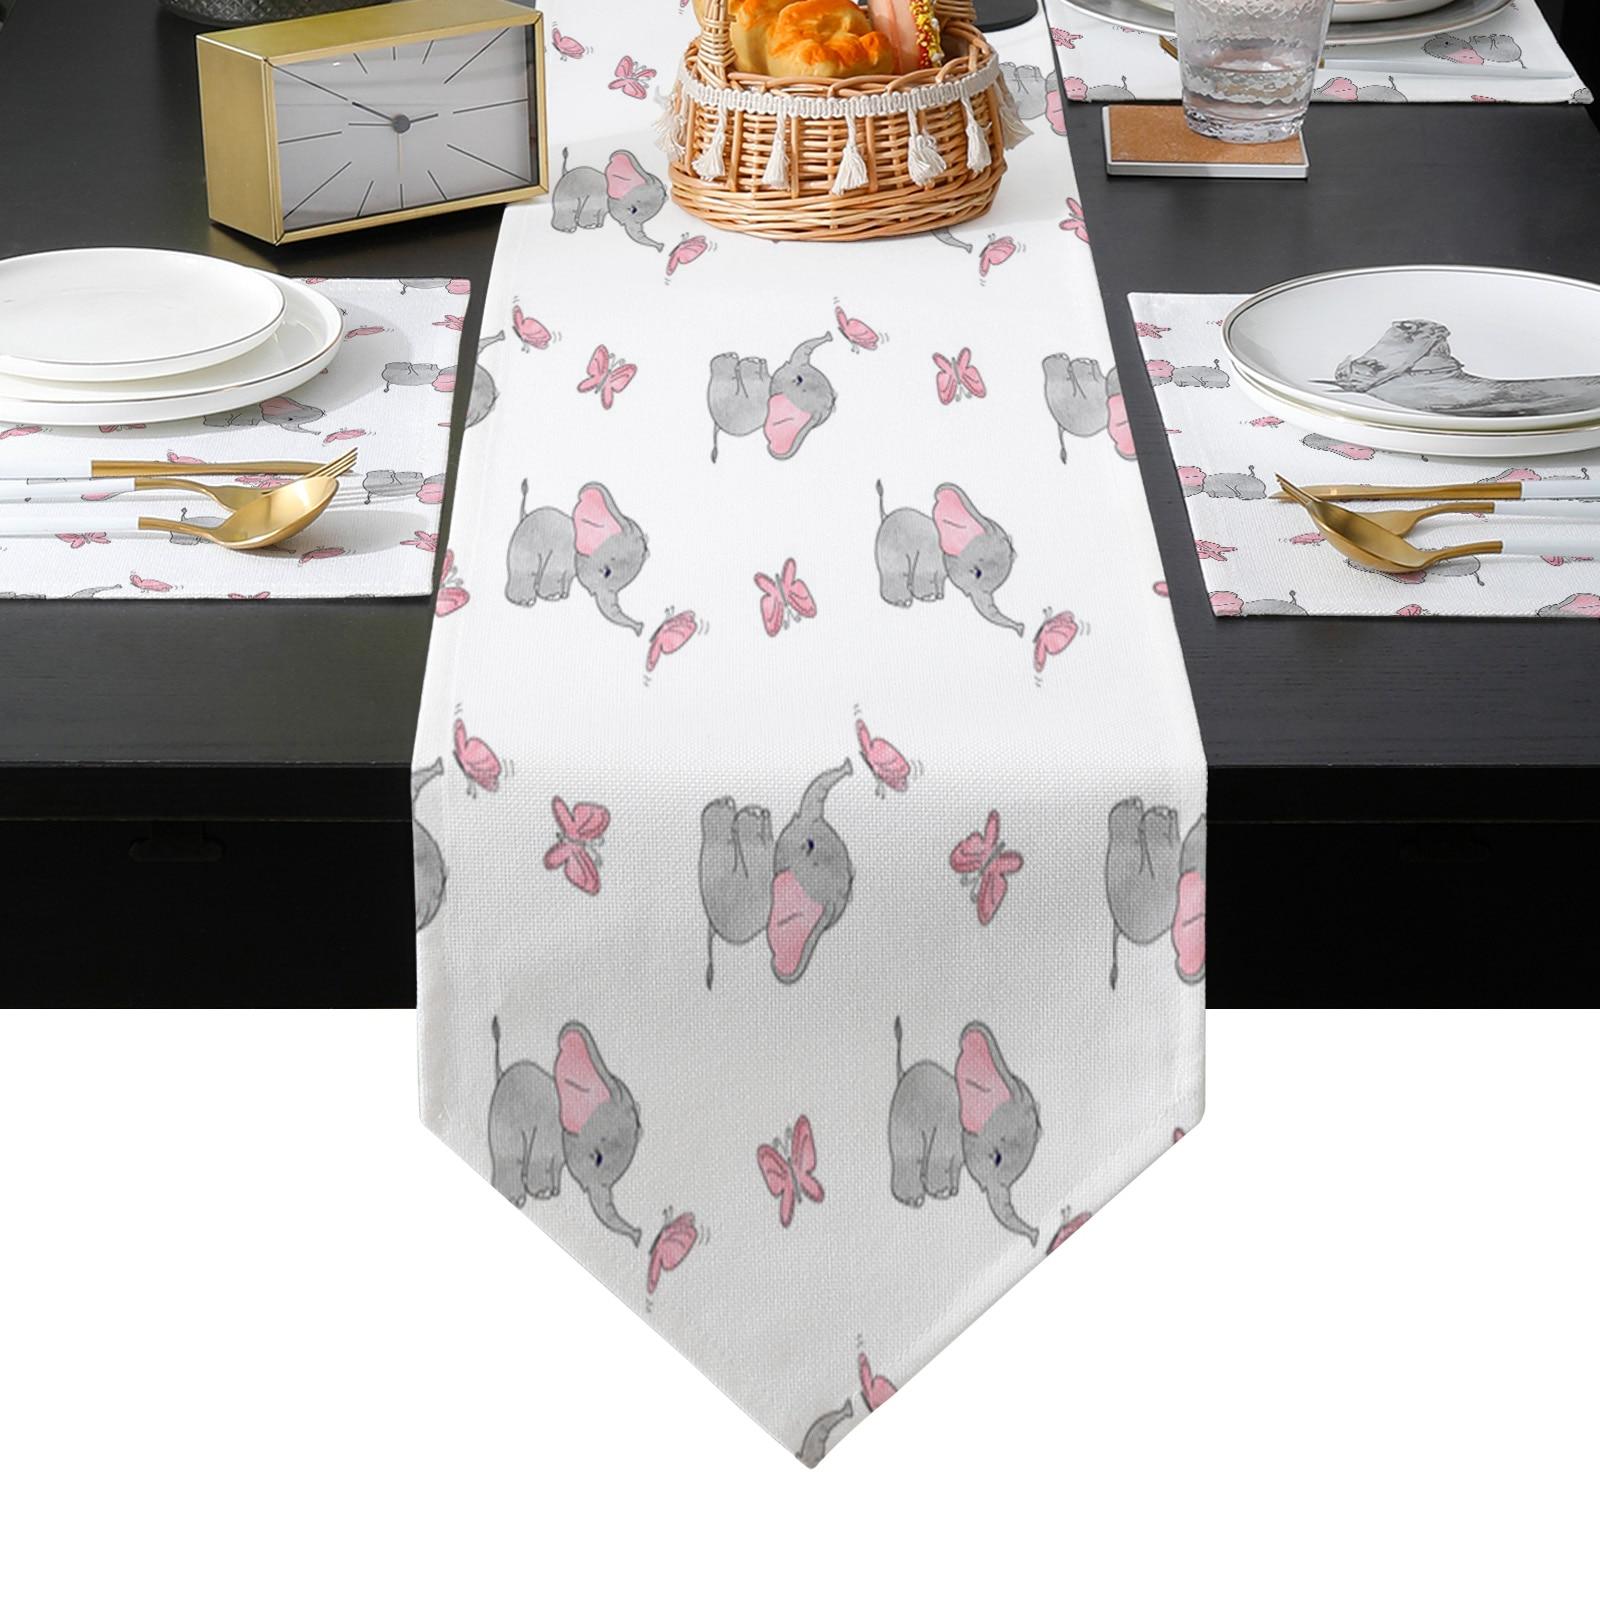 فراشة الكرتون أفريقيا الفيل الأبيض الجدول عداء الجدول الحصير غطاء للمنزل الزفاف مأدبة مهرجان حفلة فندق الديكور